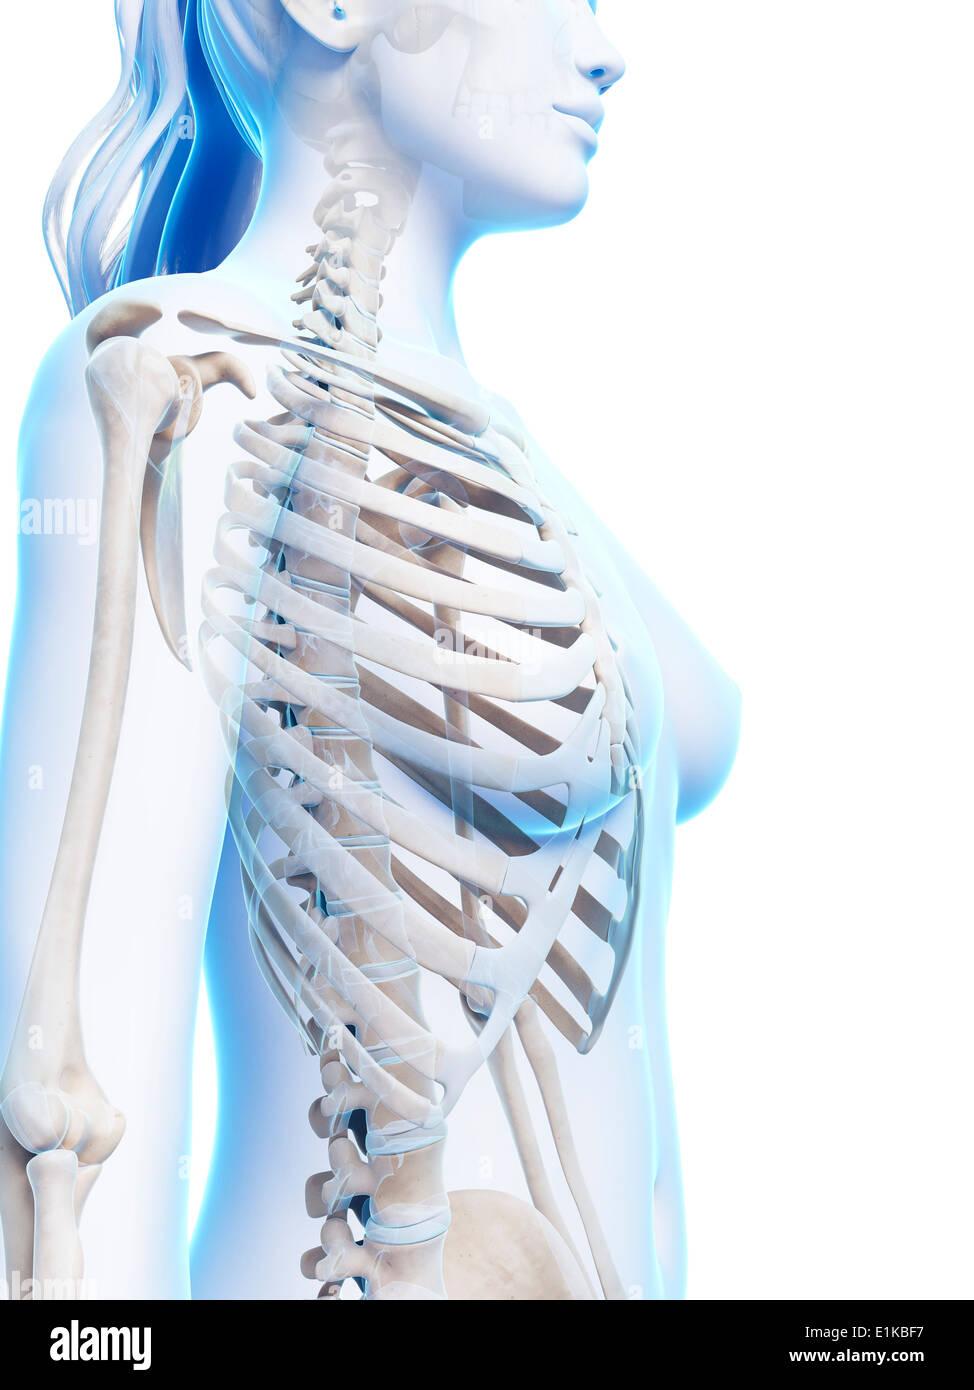 Fantastisch Brust Anatomie Weiblich Bilder - Menschliche Anatomie ...